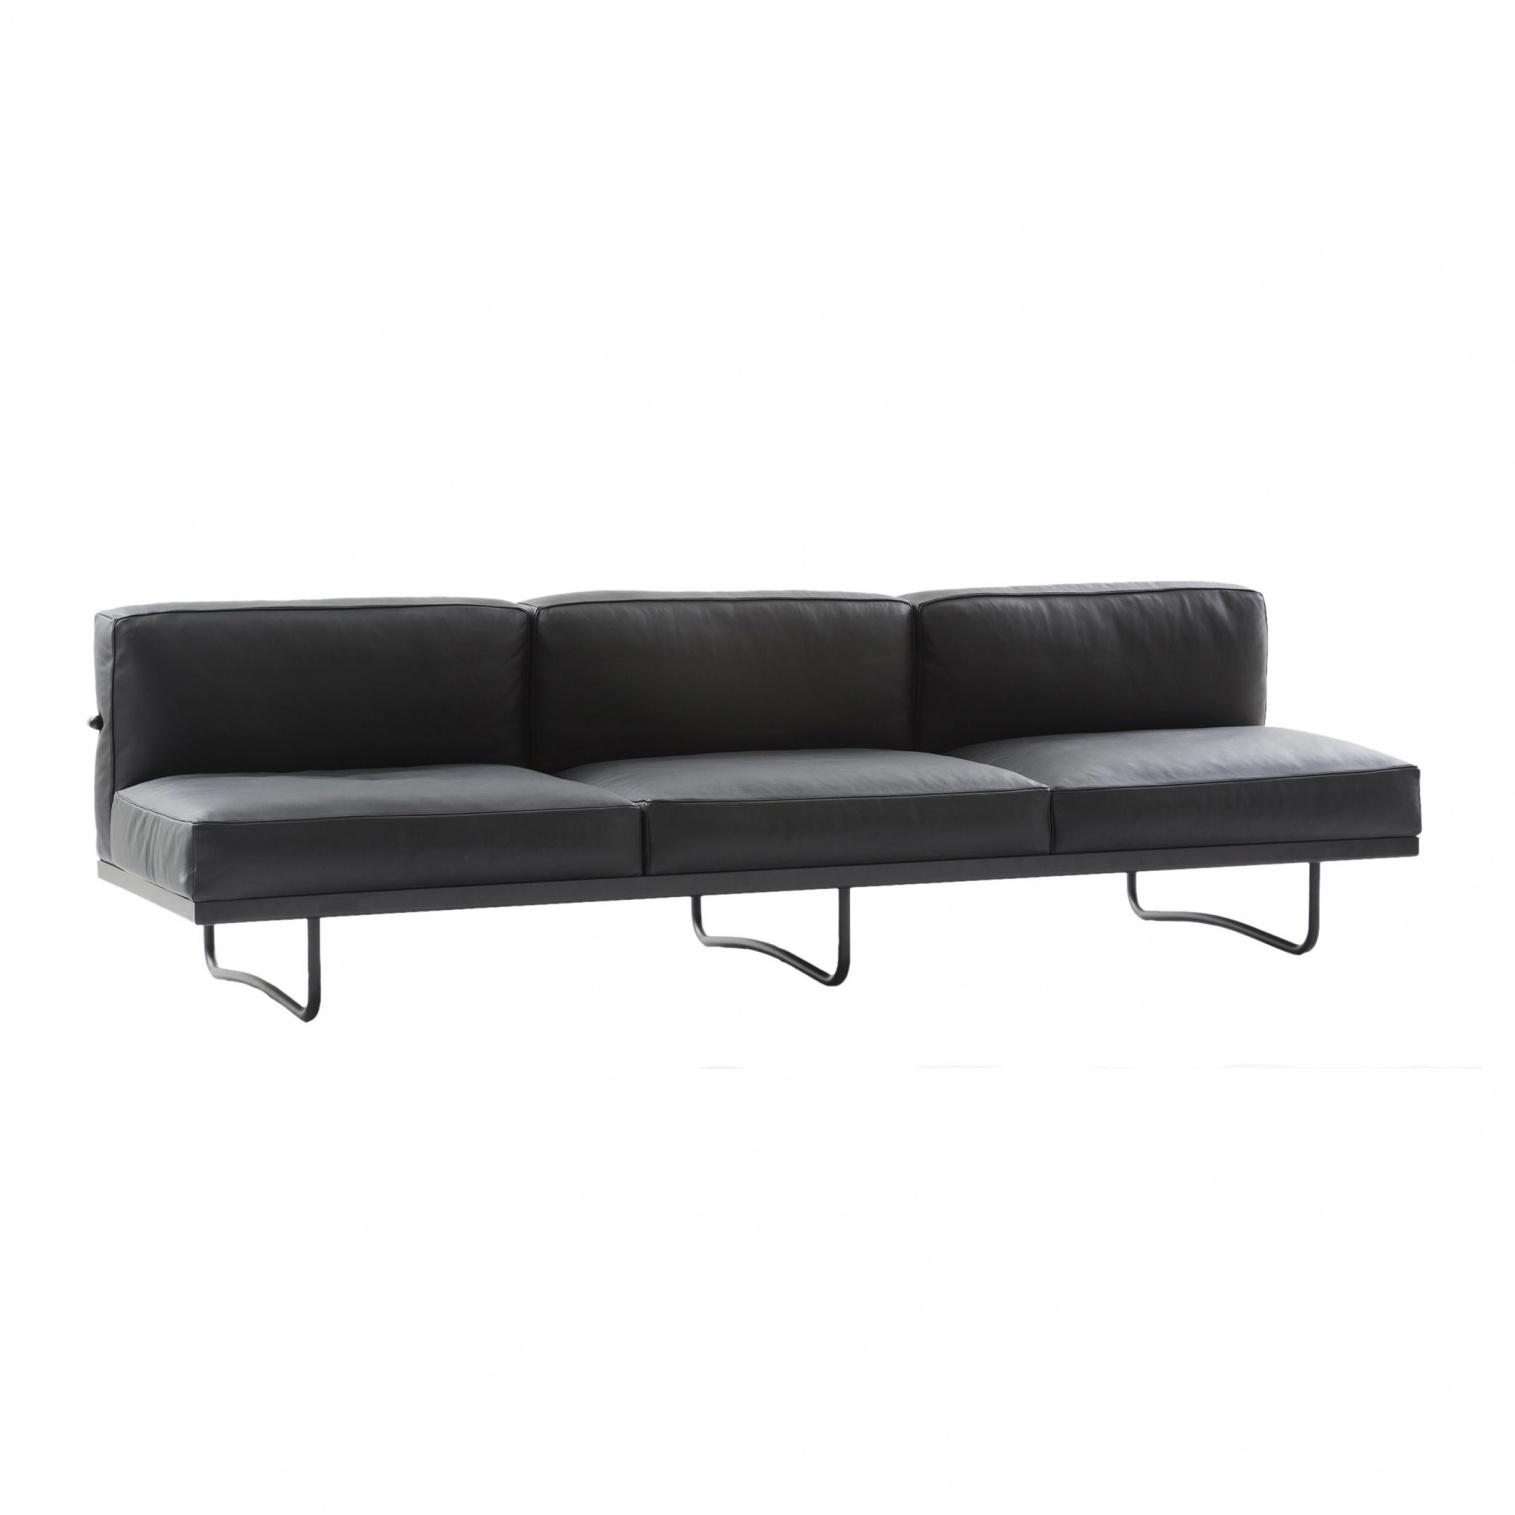 Cassina - Le Corbusier LC5 - Canapé 3 places - graphite/cuir scozia 13X606/structure laqué noir/PxHxP 256x71x78cm